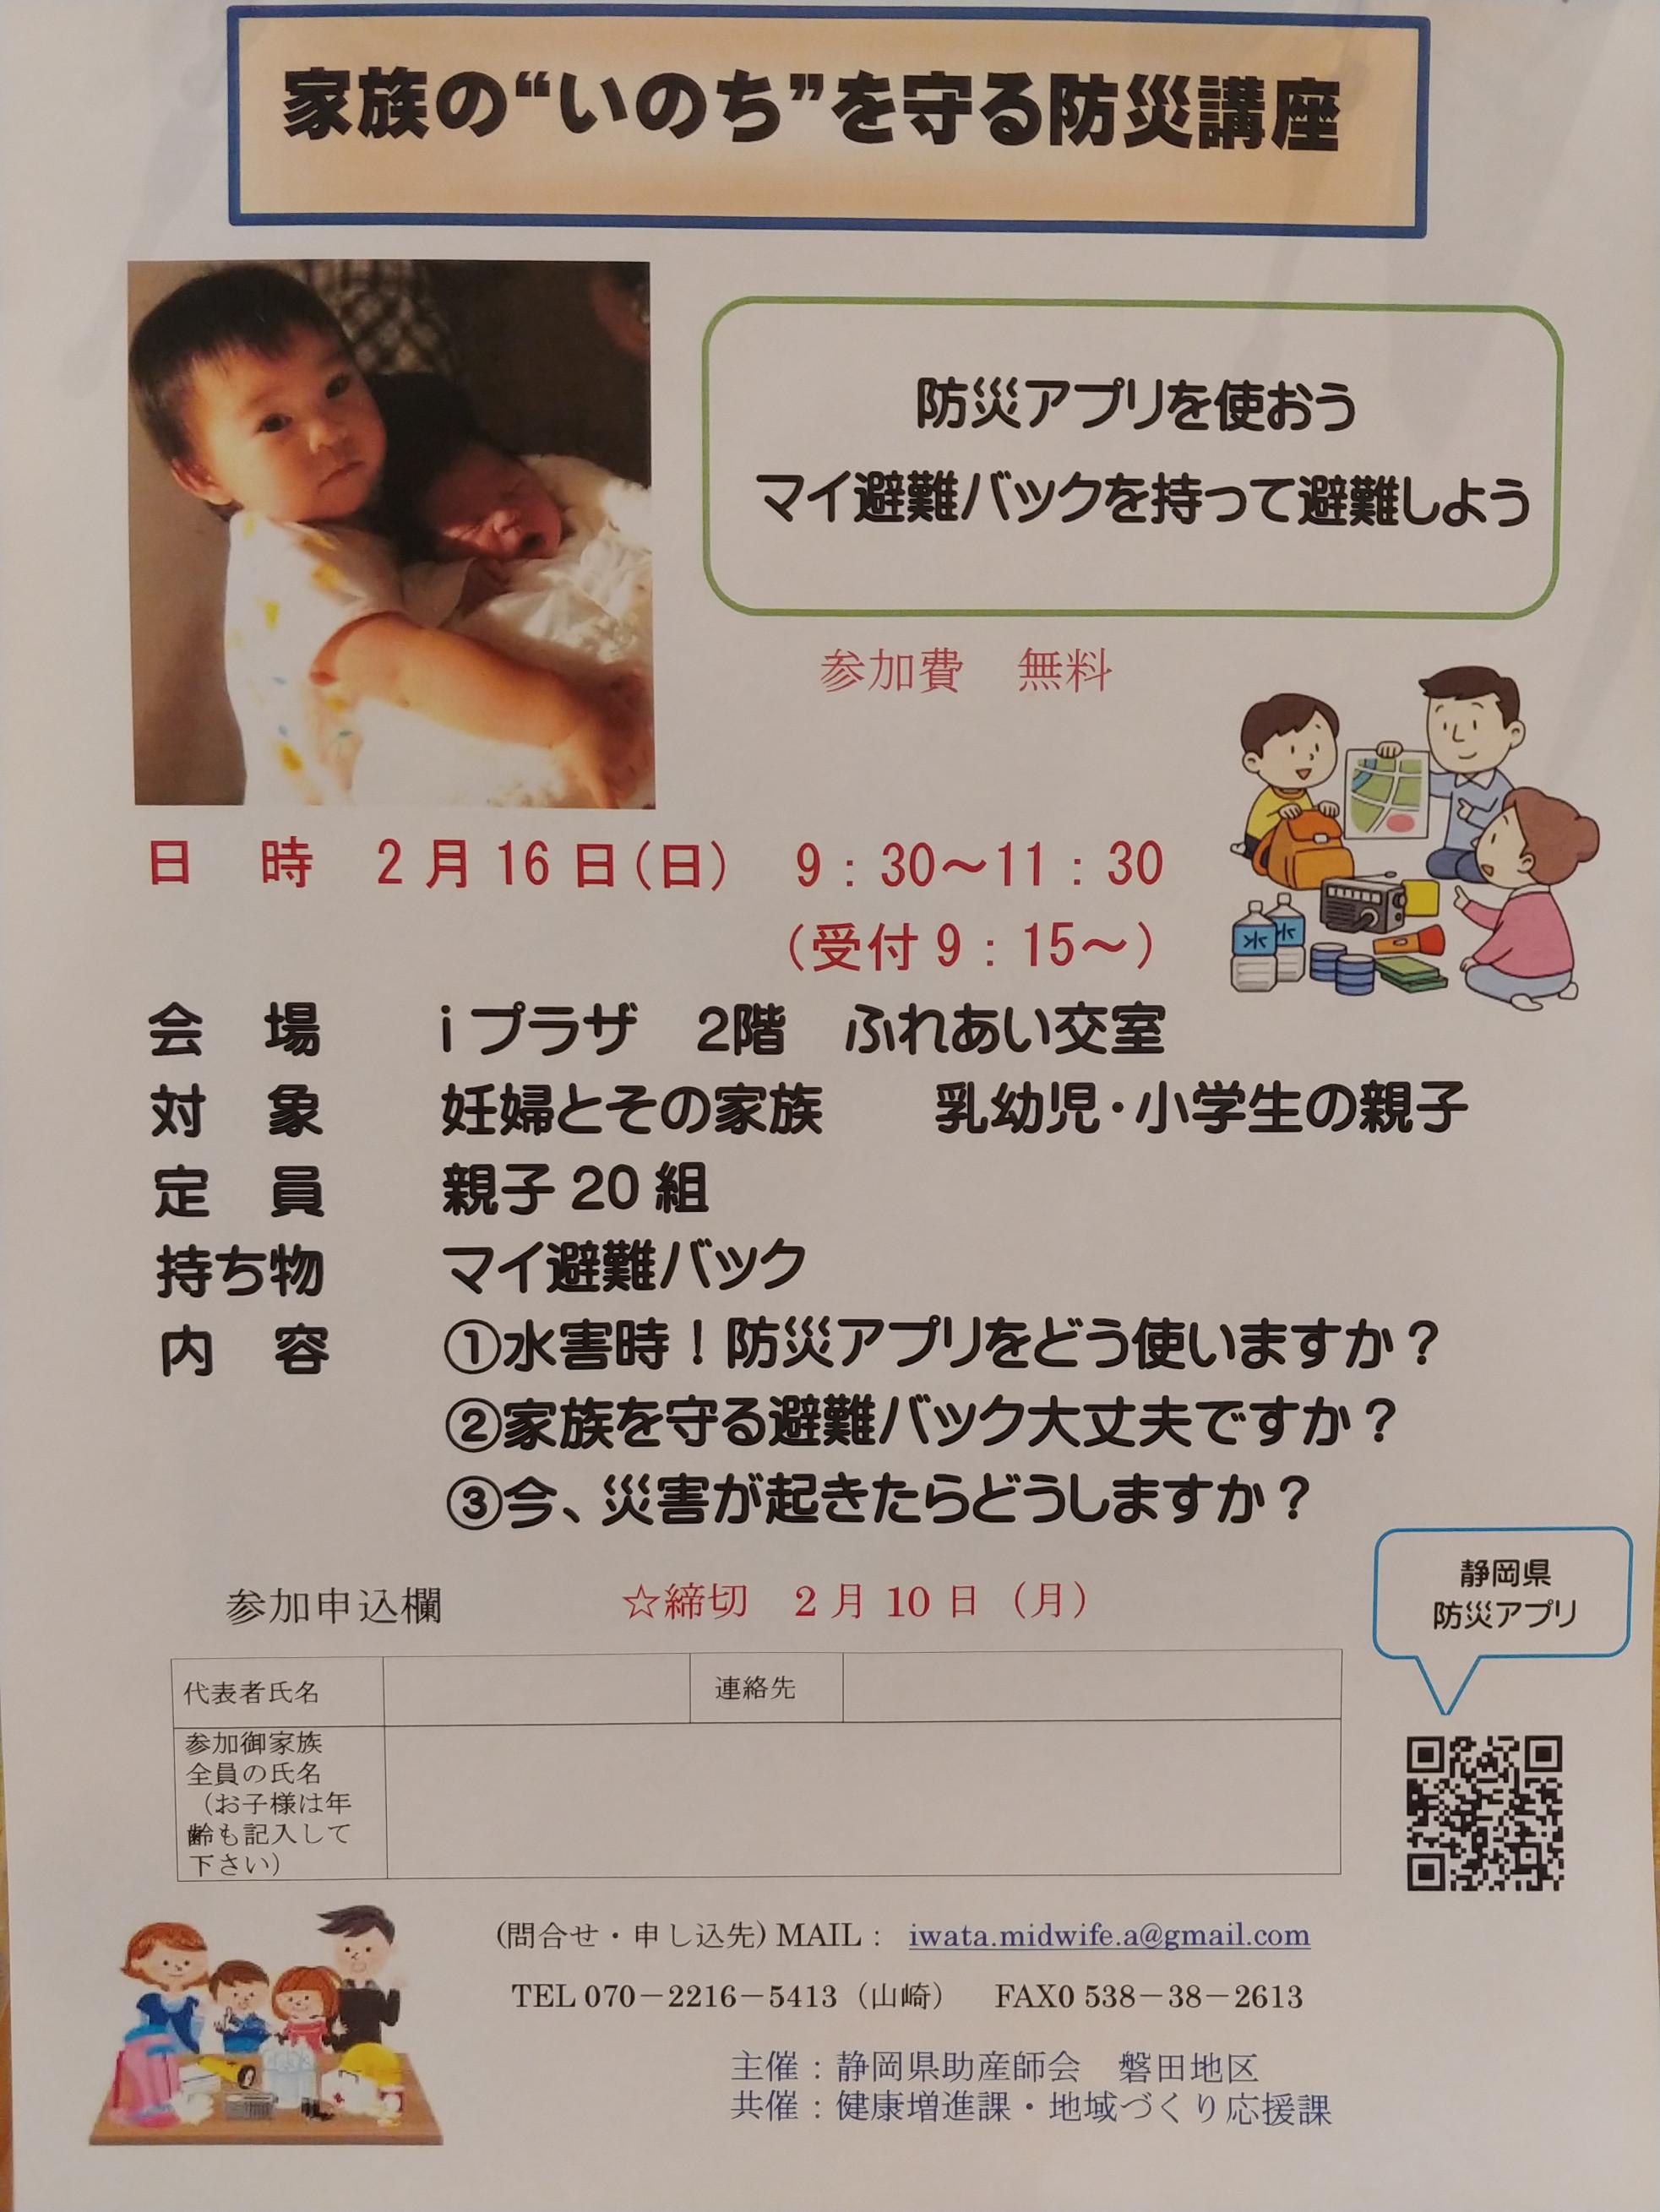 """2月16日 家族の""""いのち""""を守る防災講座"""